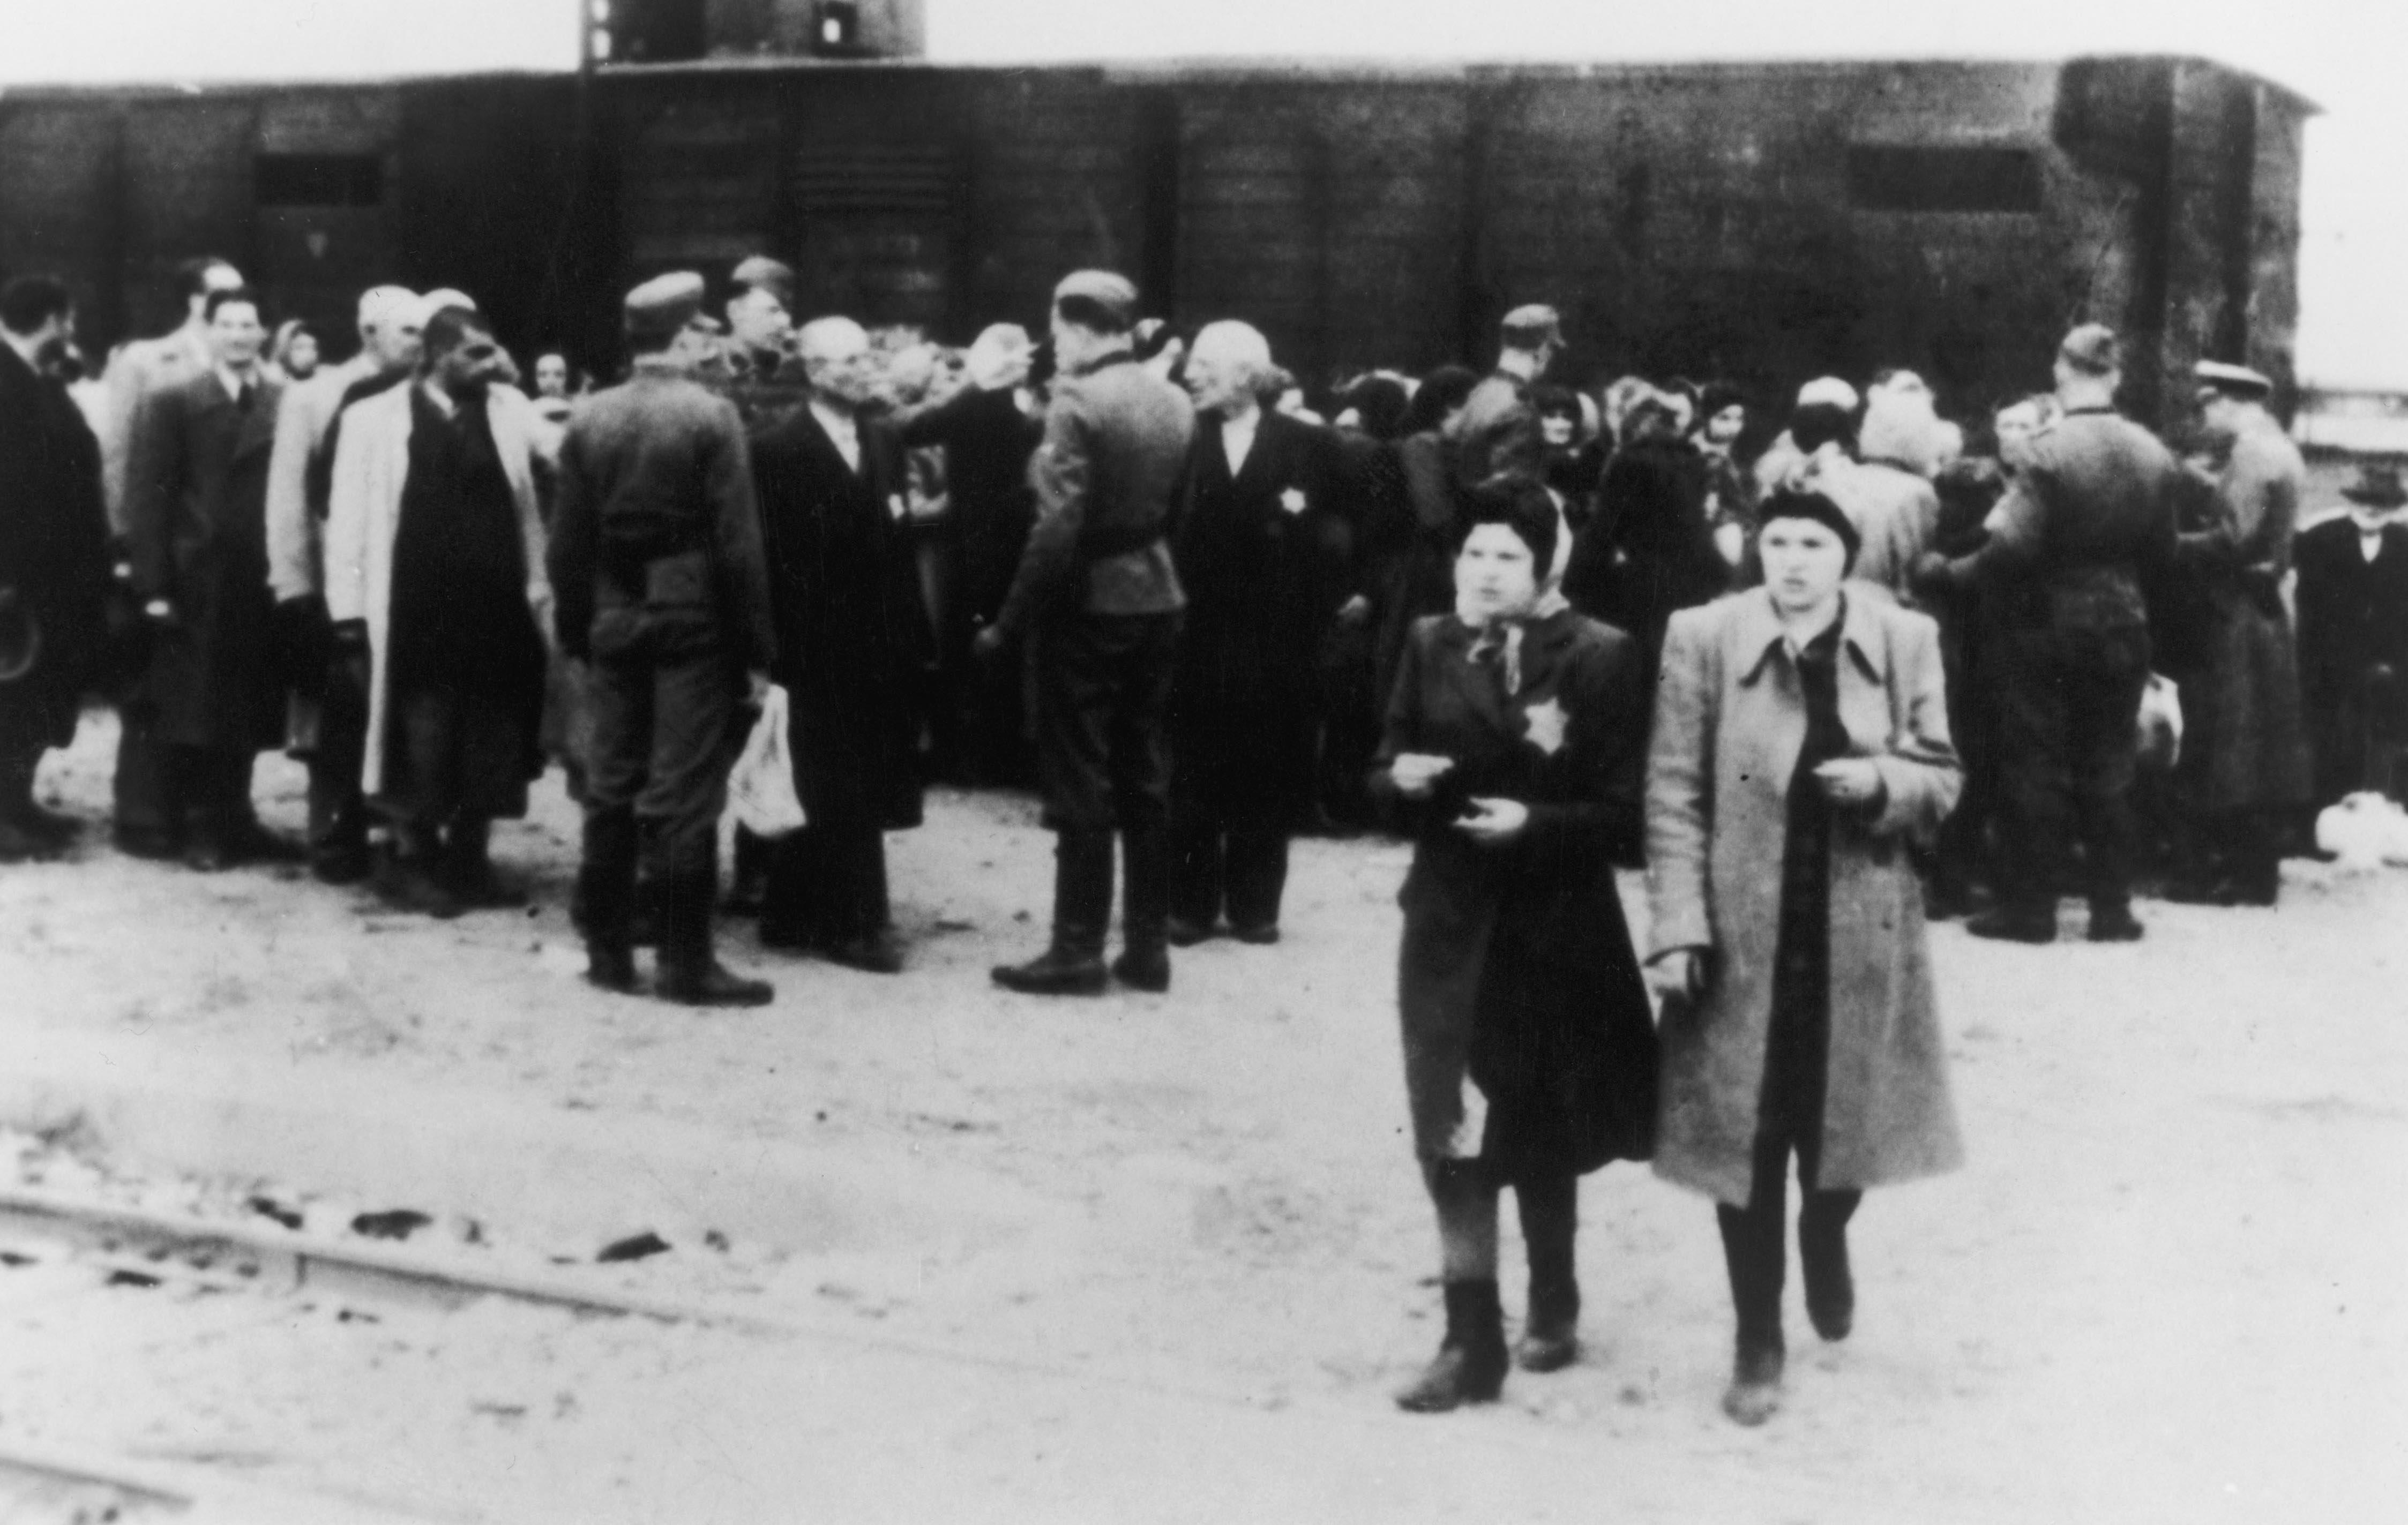 Los experimentos nazis en el Holocausto del Dr. Mengele